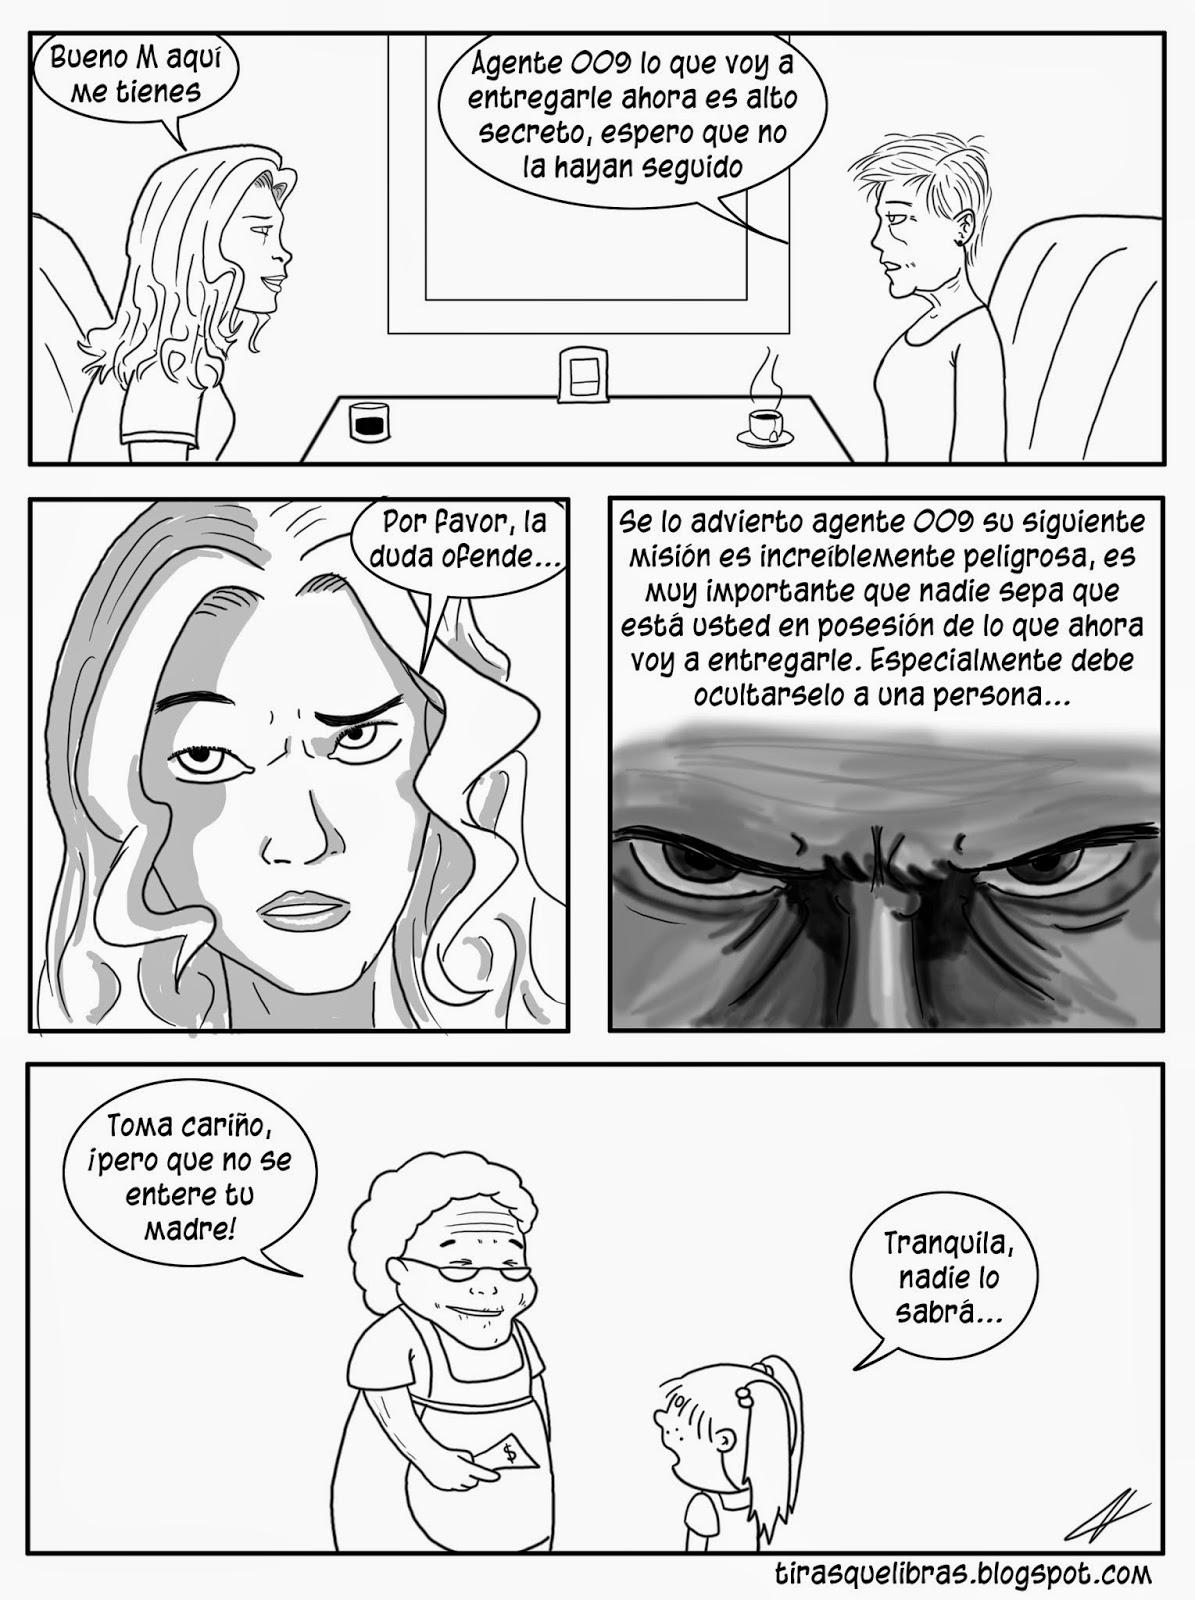 webcomic, jen recibe una importante misión como la agente 009